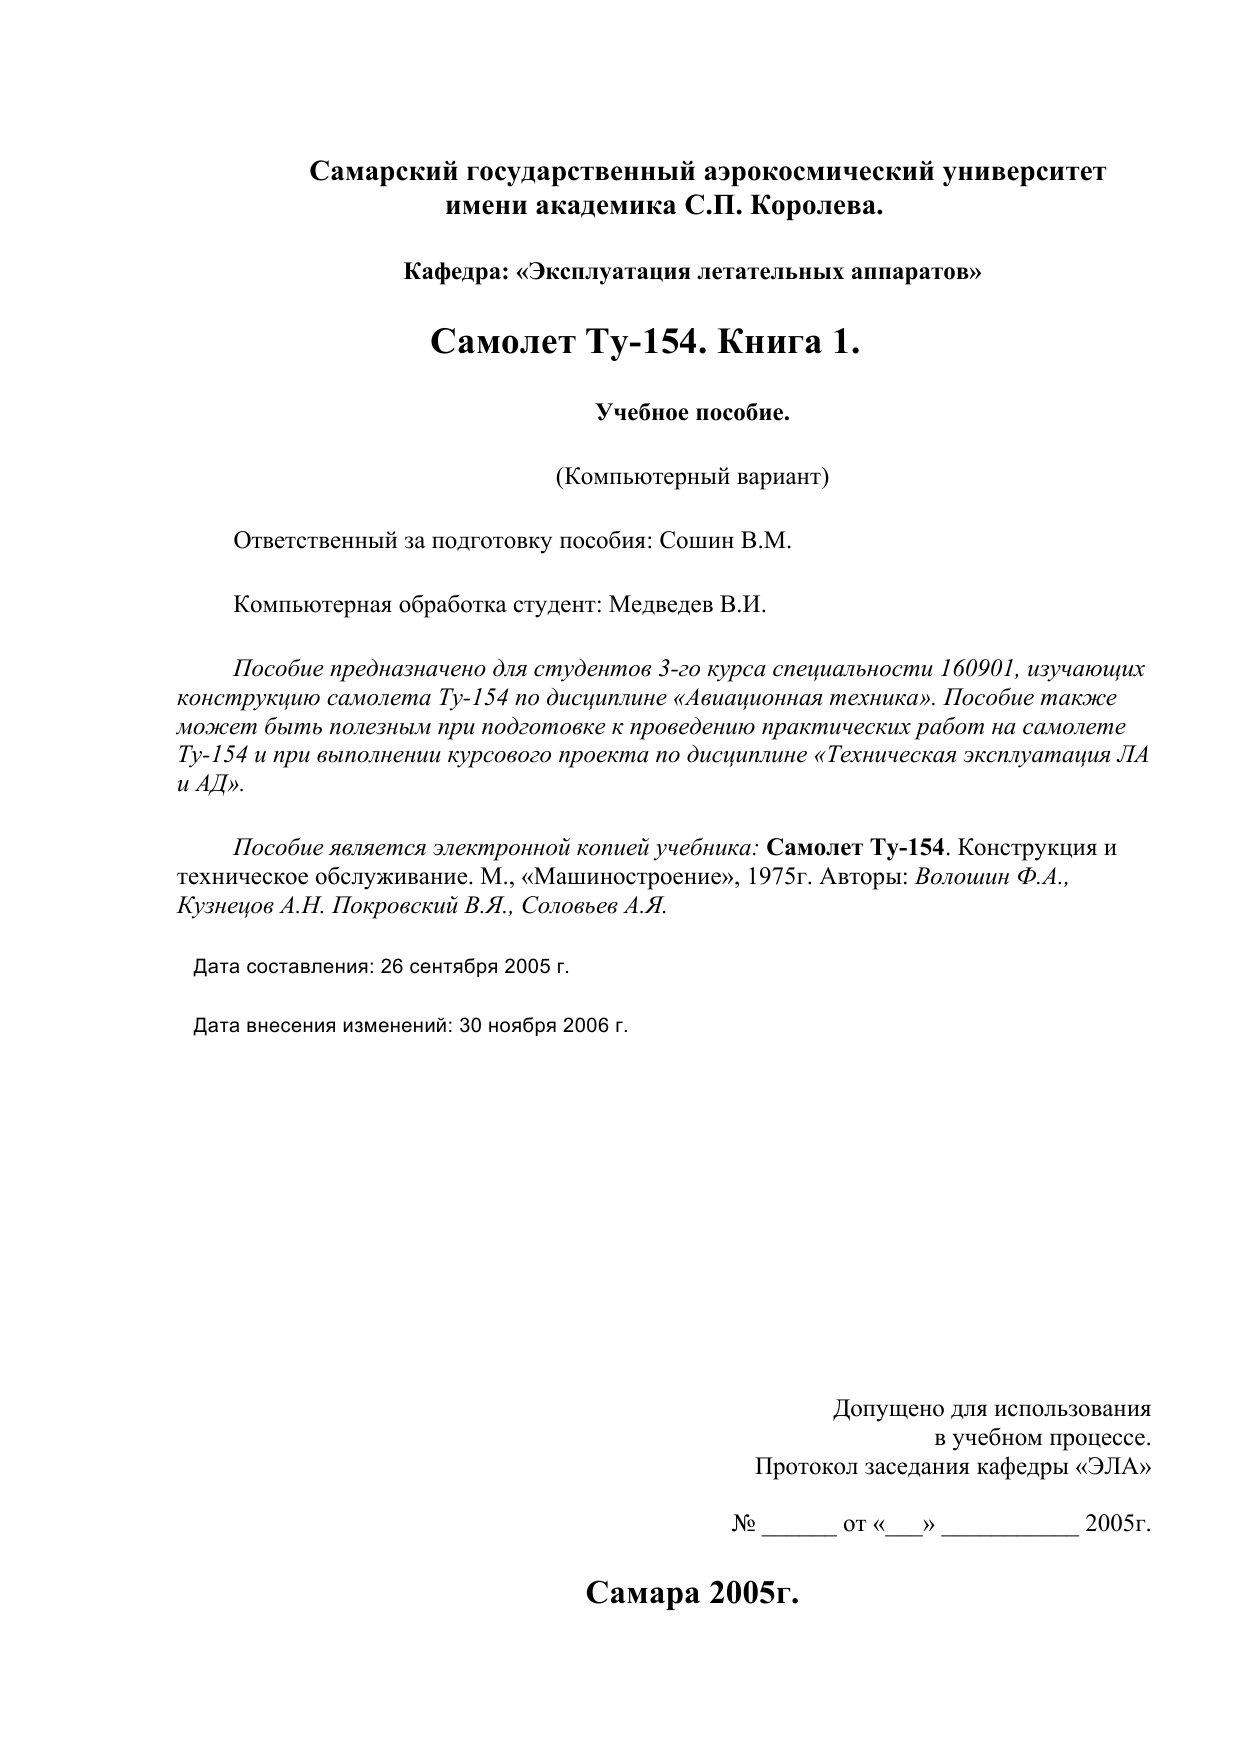 Самолет Ту-154. Конструкция и техническое обслуживание. (2 книга)